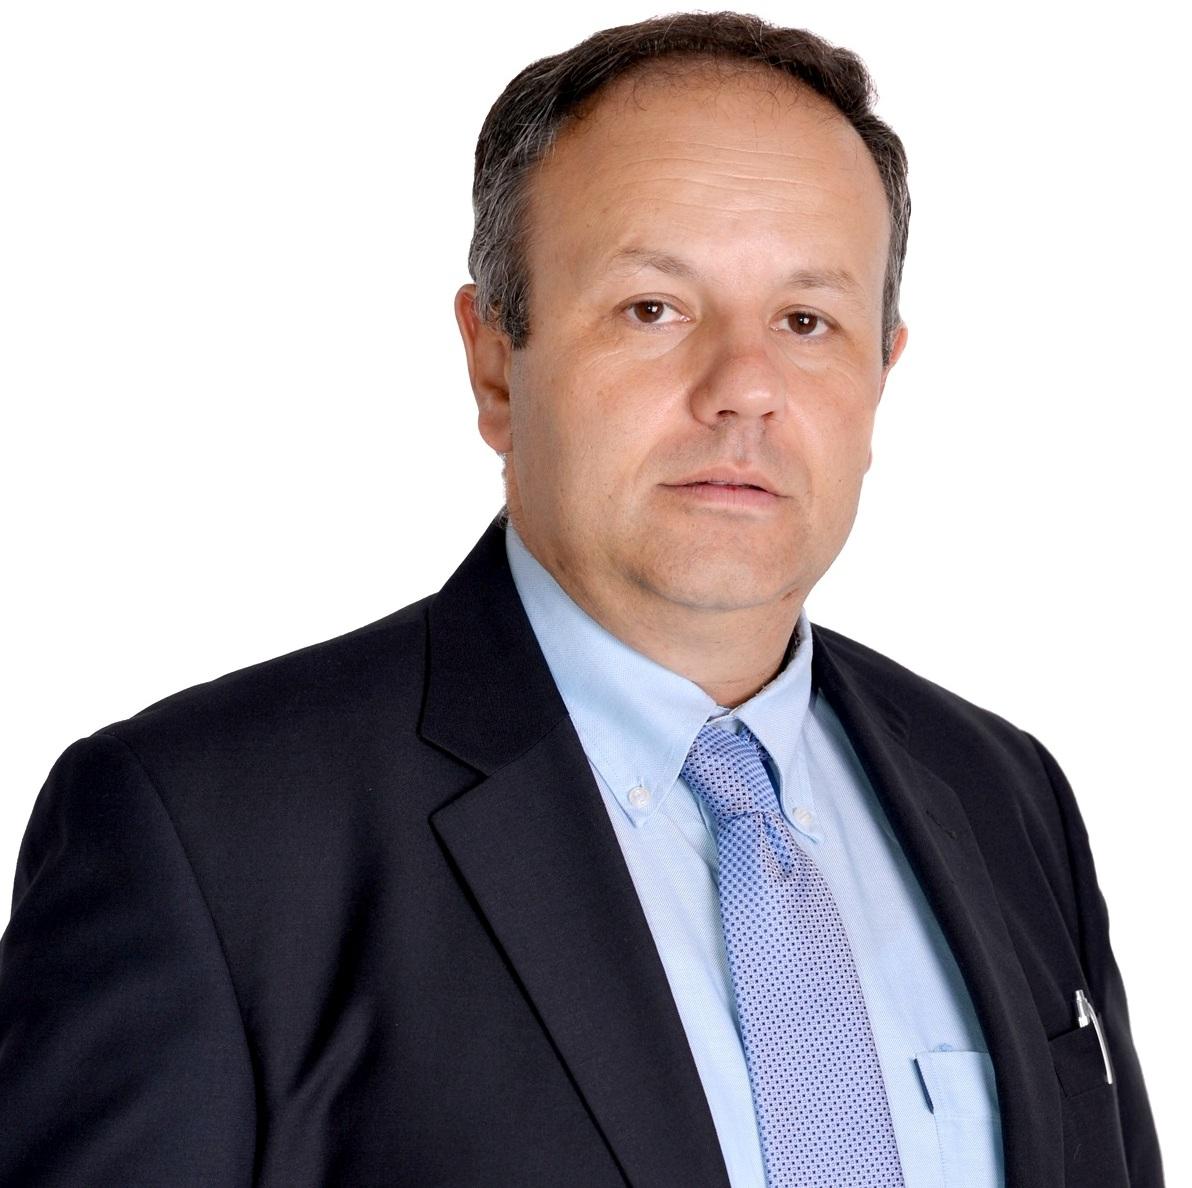 Ευχές για το νέο έτος από Περιφερειακό Σύμβουλο Γρεβενών κ.Λάμπρο Χατζηζήση